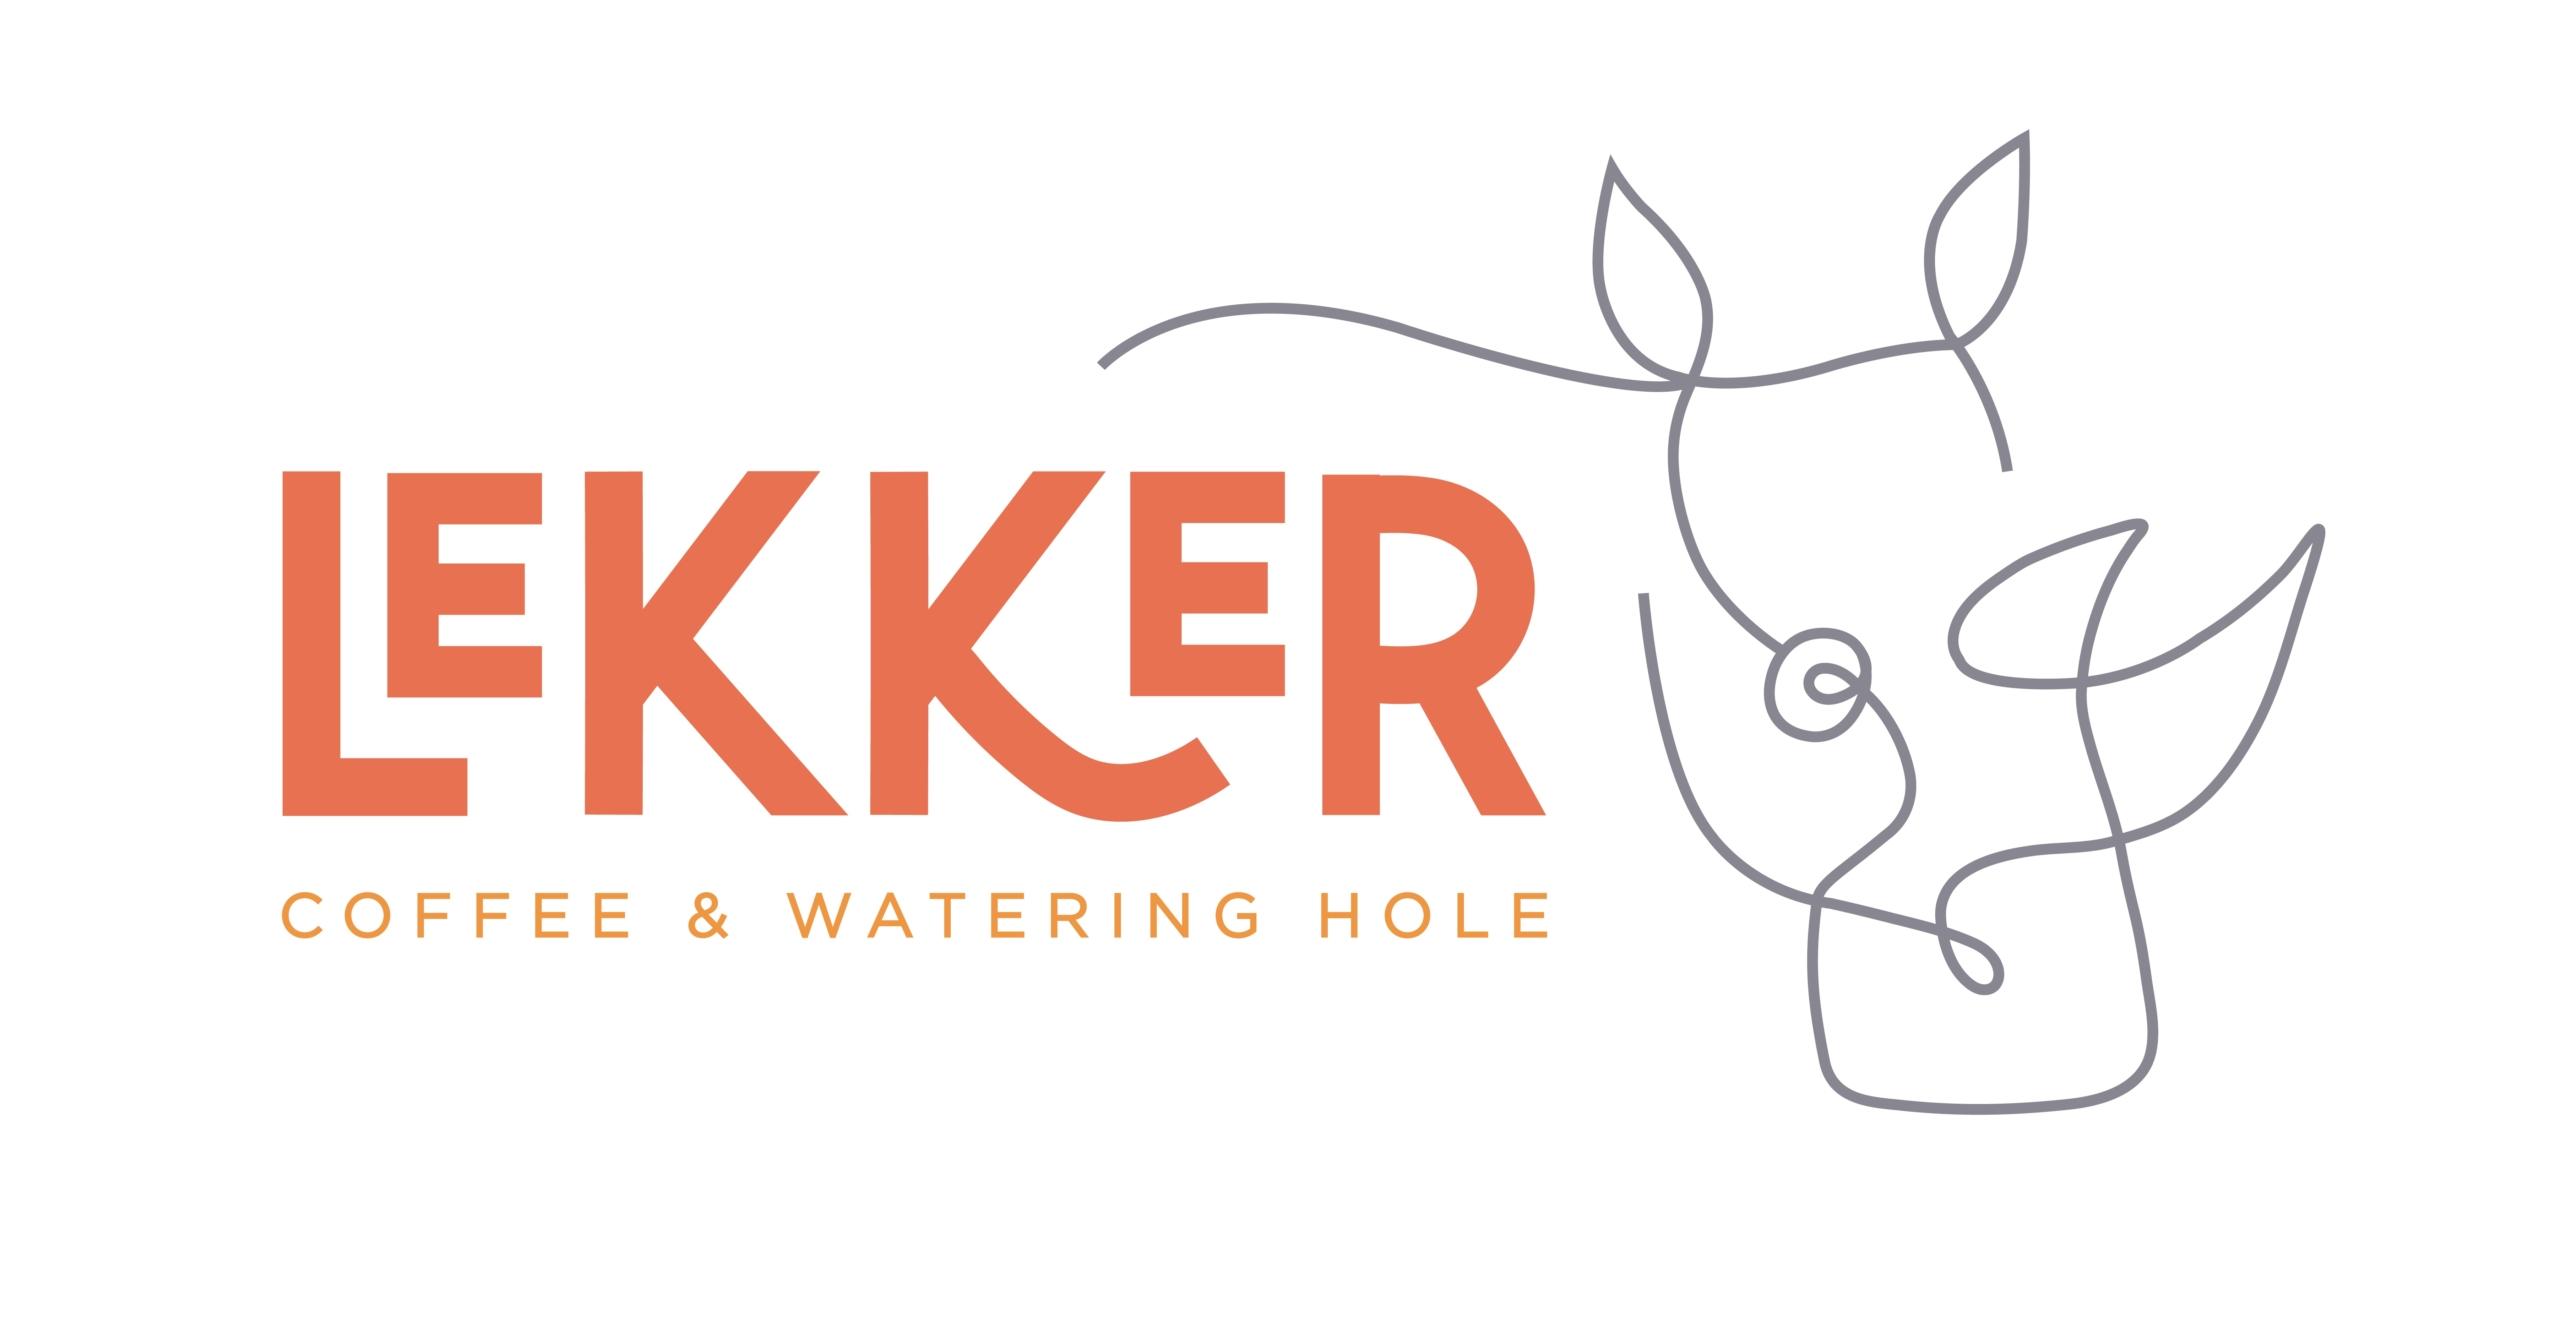 Lekker Coffee & Watering Hole